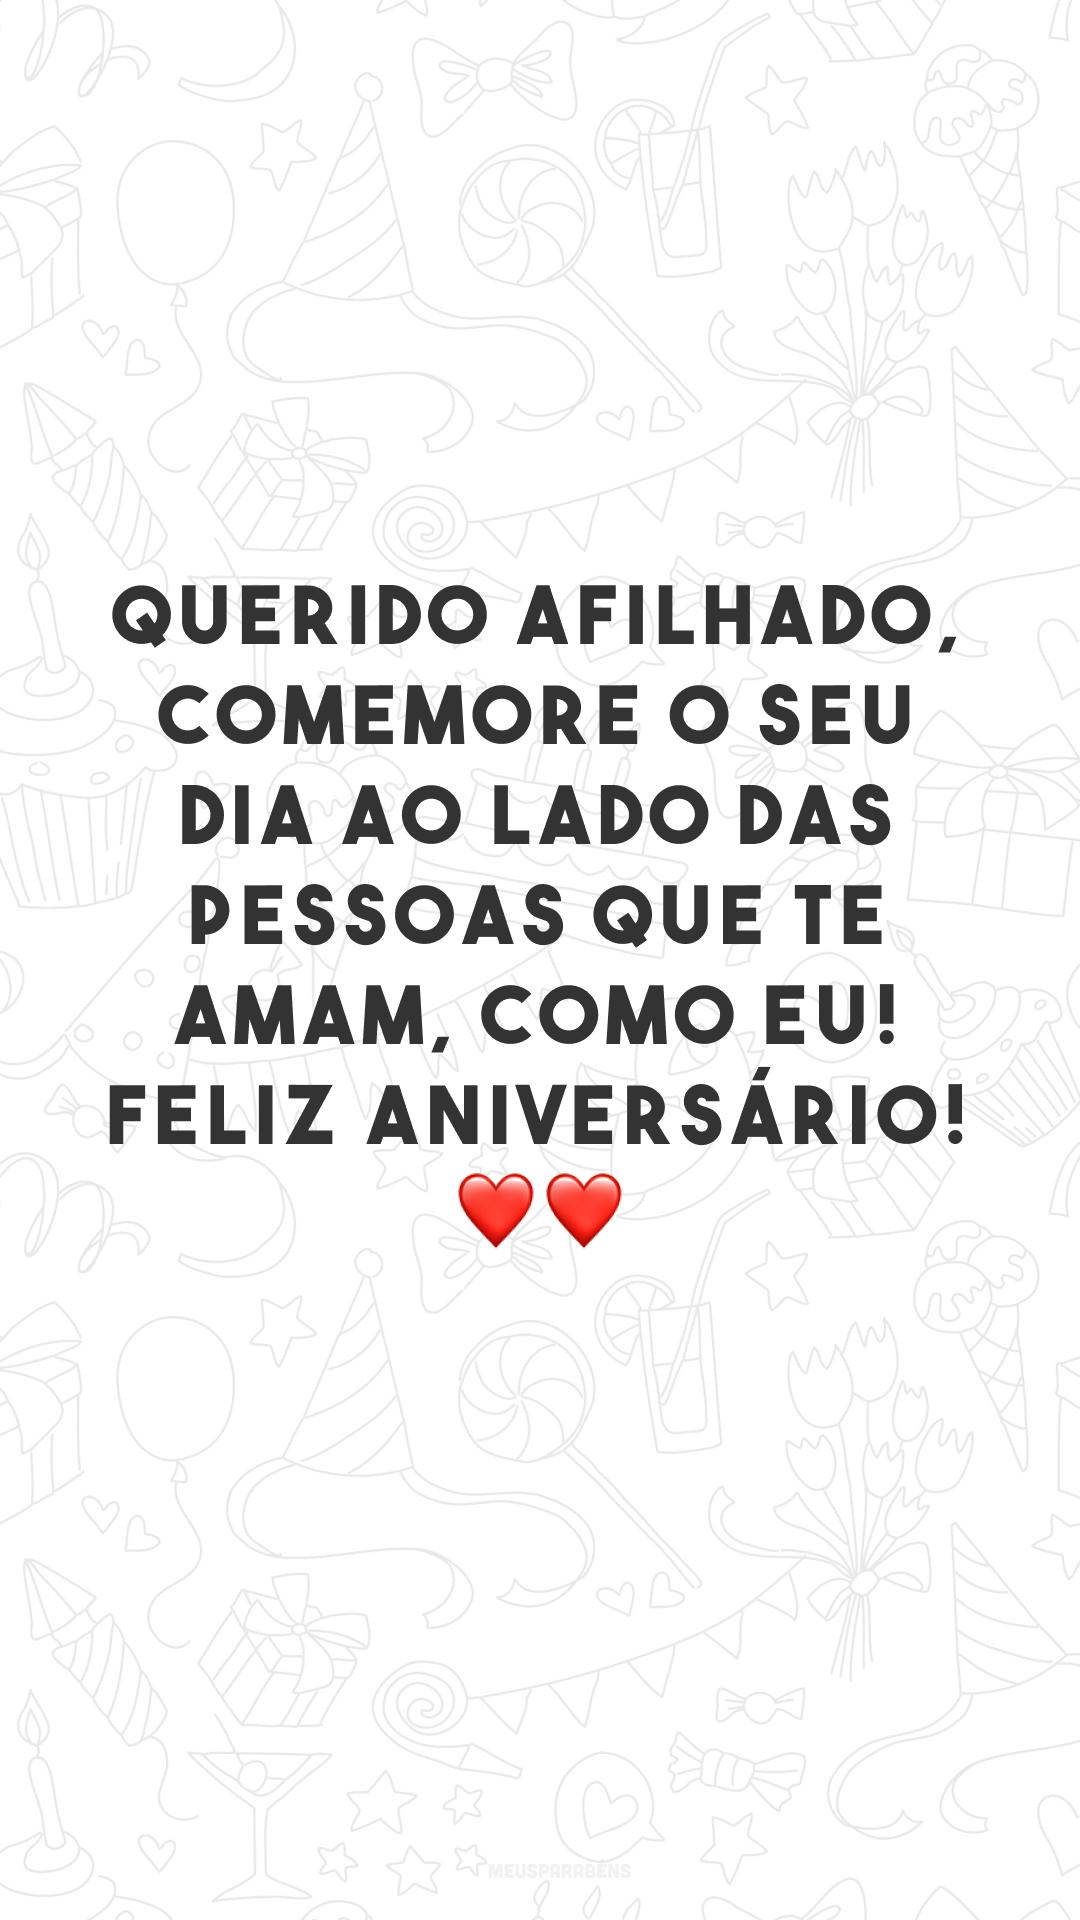 Querido afilhado, comemore o seu dia ao lado das pessoas que te amam, como eu! Feliz aniversário! ❤❤